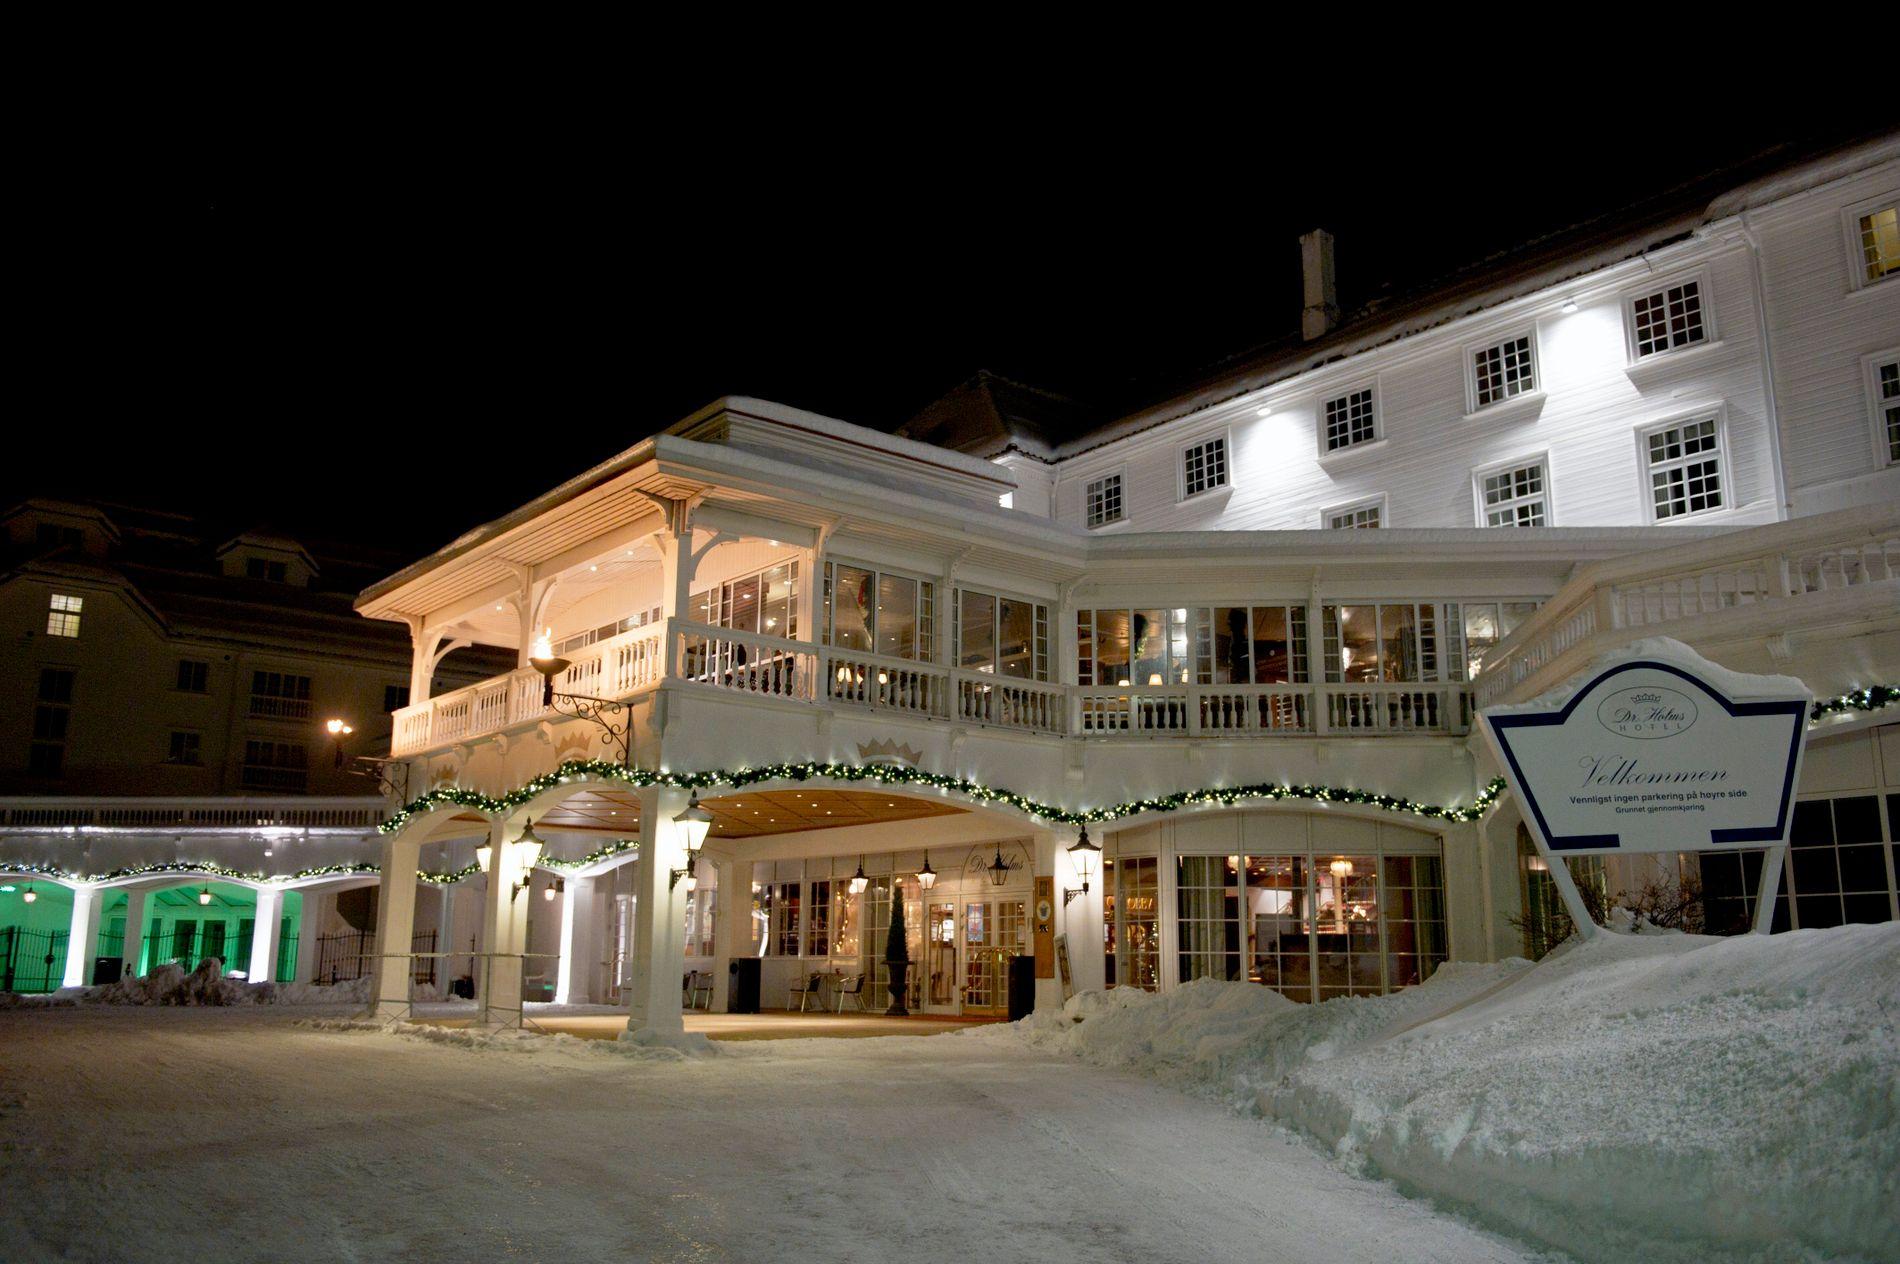 EKSKLUSIVT: Dr. Holms på Geilo er kjent som et fasjonabelt overnattingssted.